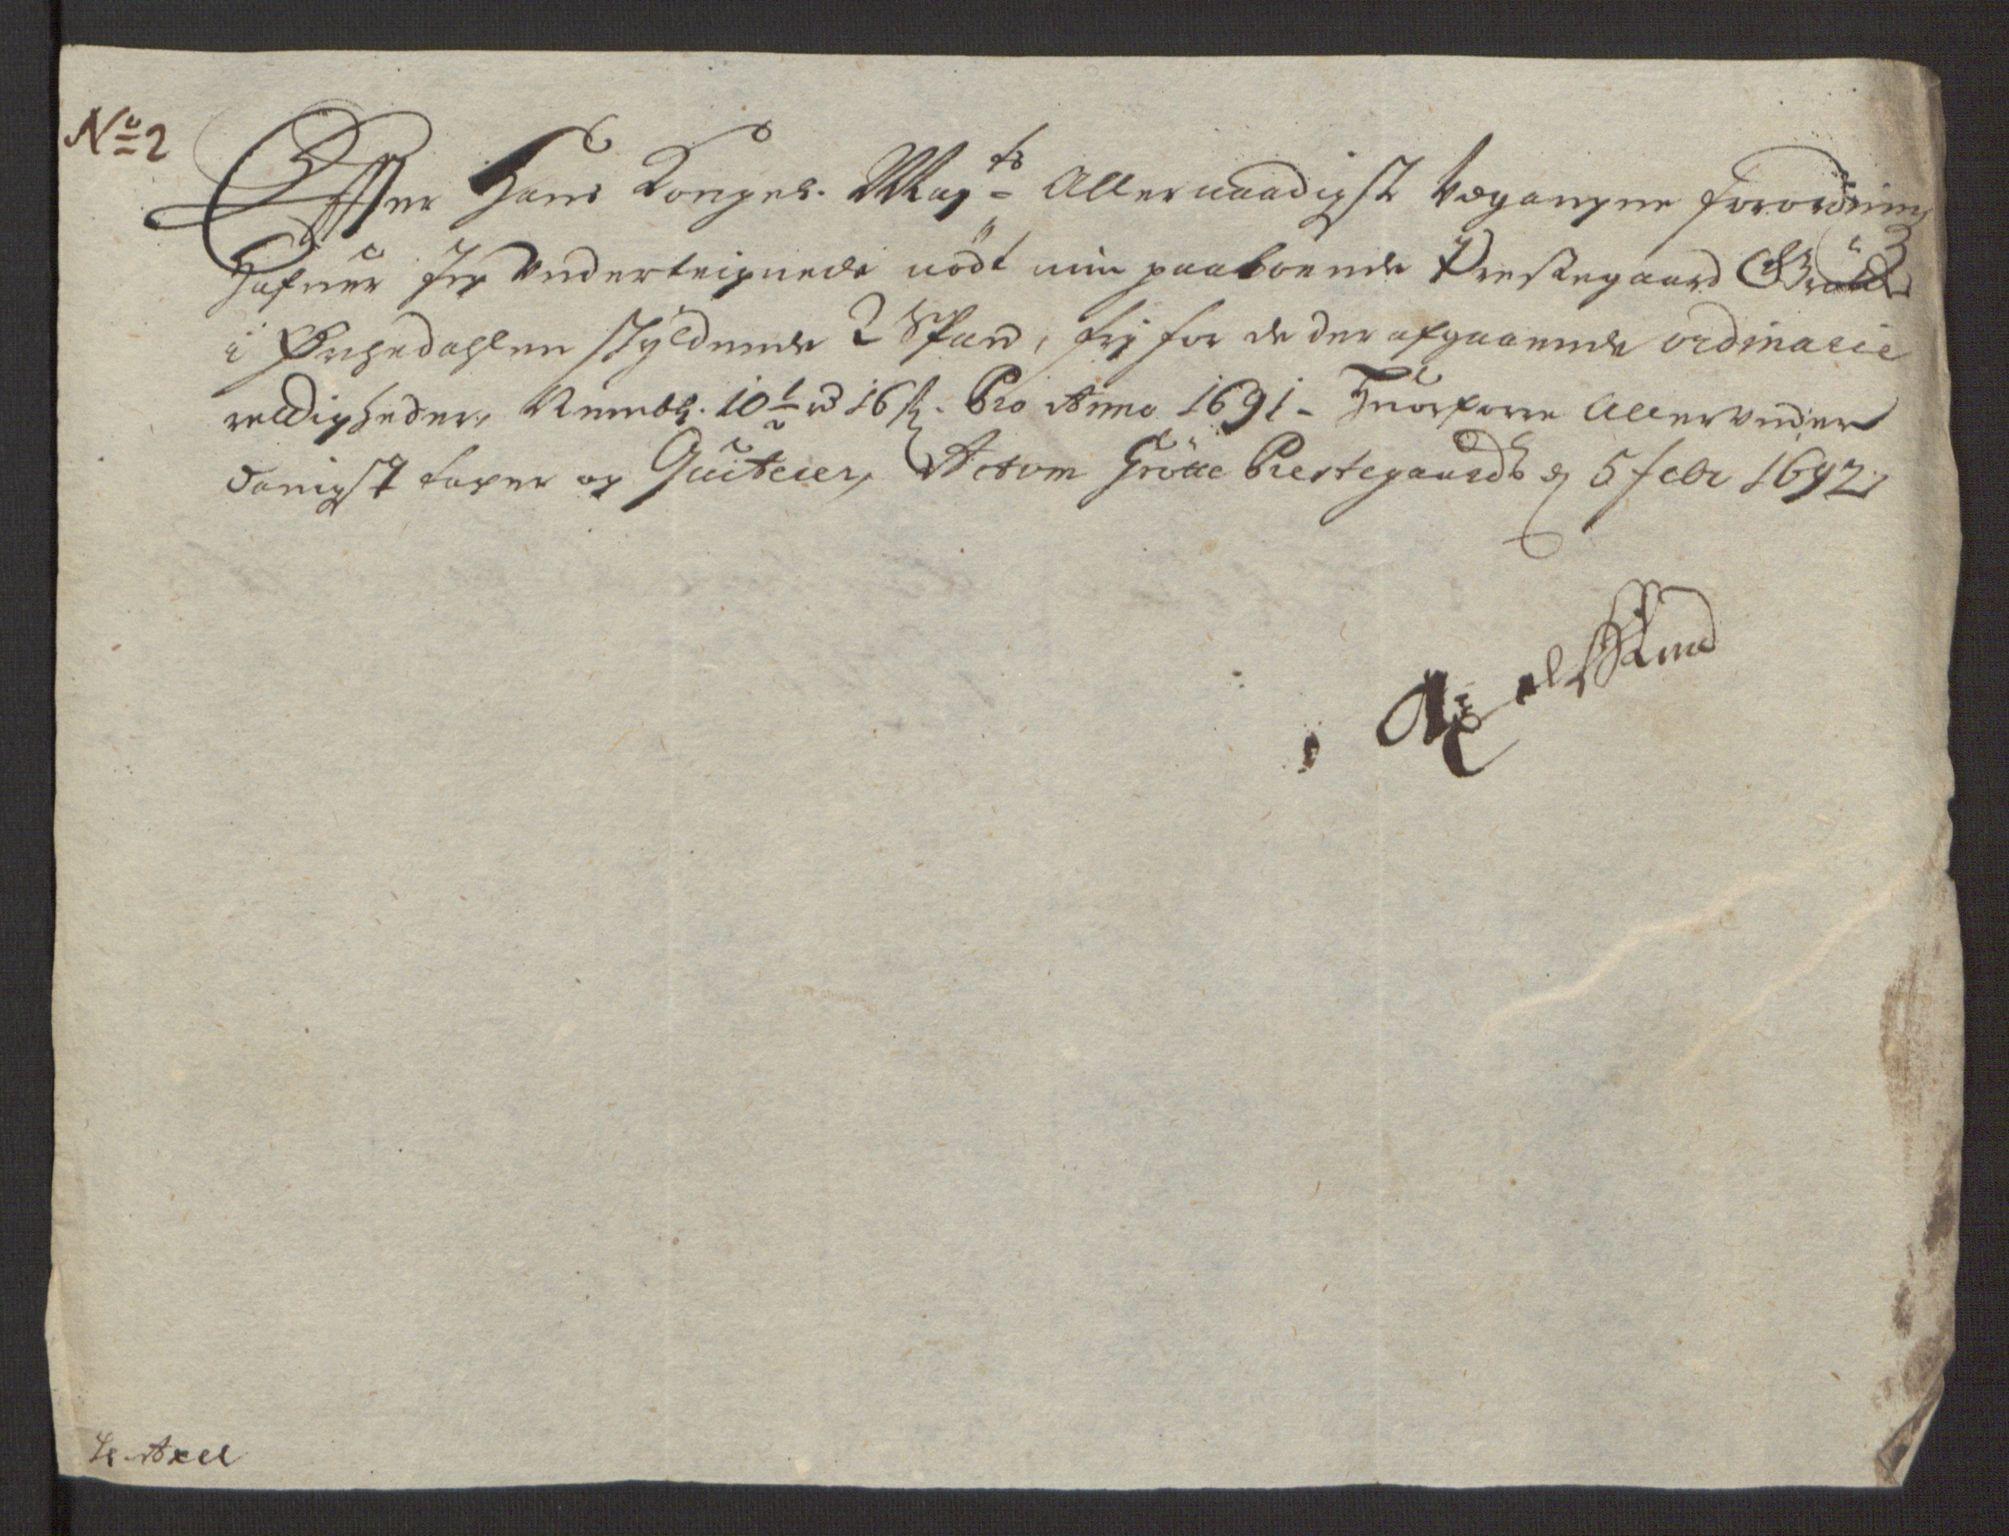 RA, Rentekammeret inntil 1814, Reviderte regnskaper, Fogderegnskap, R58/L3937: Fogderegnskap Orkdal, 1691-1692, s. 142